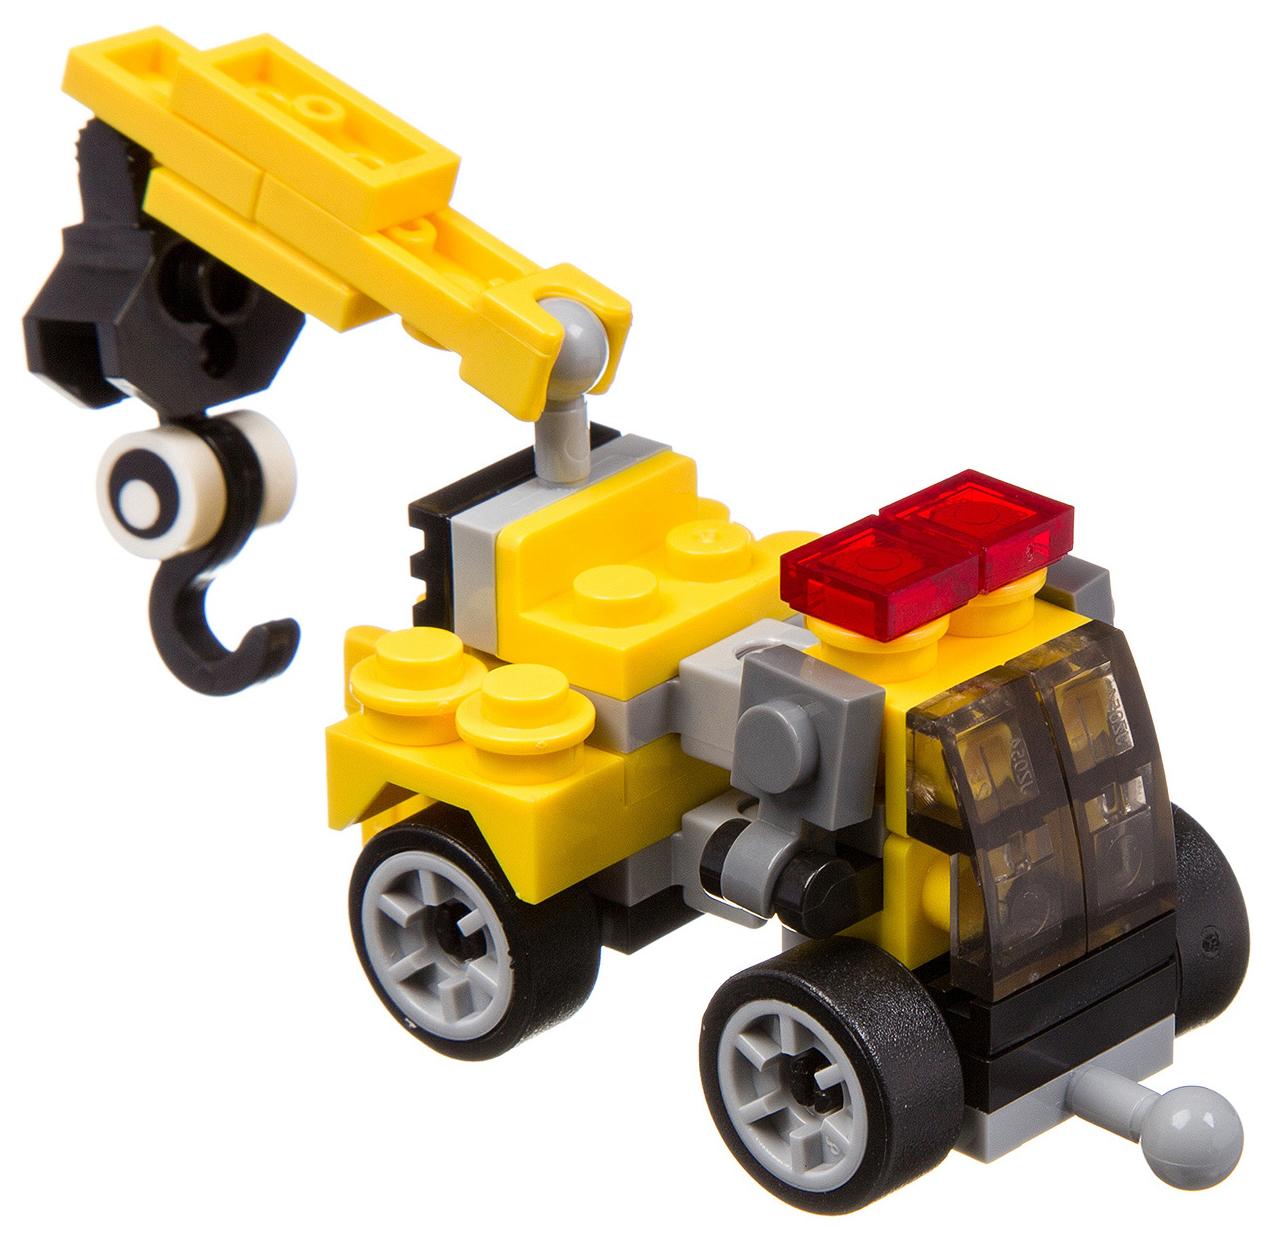 Купить Мини-конструктор Bondibon 3 в 1 Пожарная и строительная техника в ассортименте, Конструкторы пластмассовые